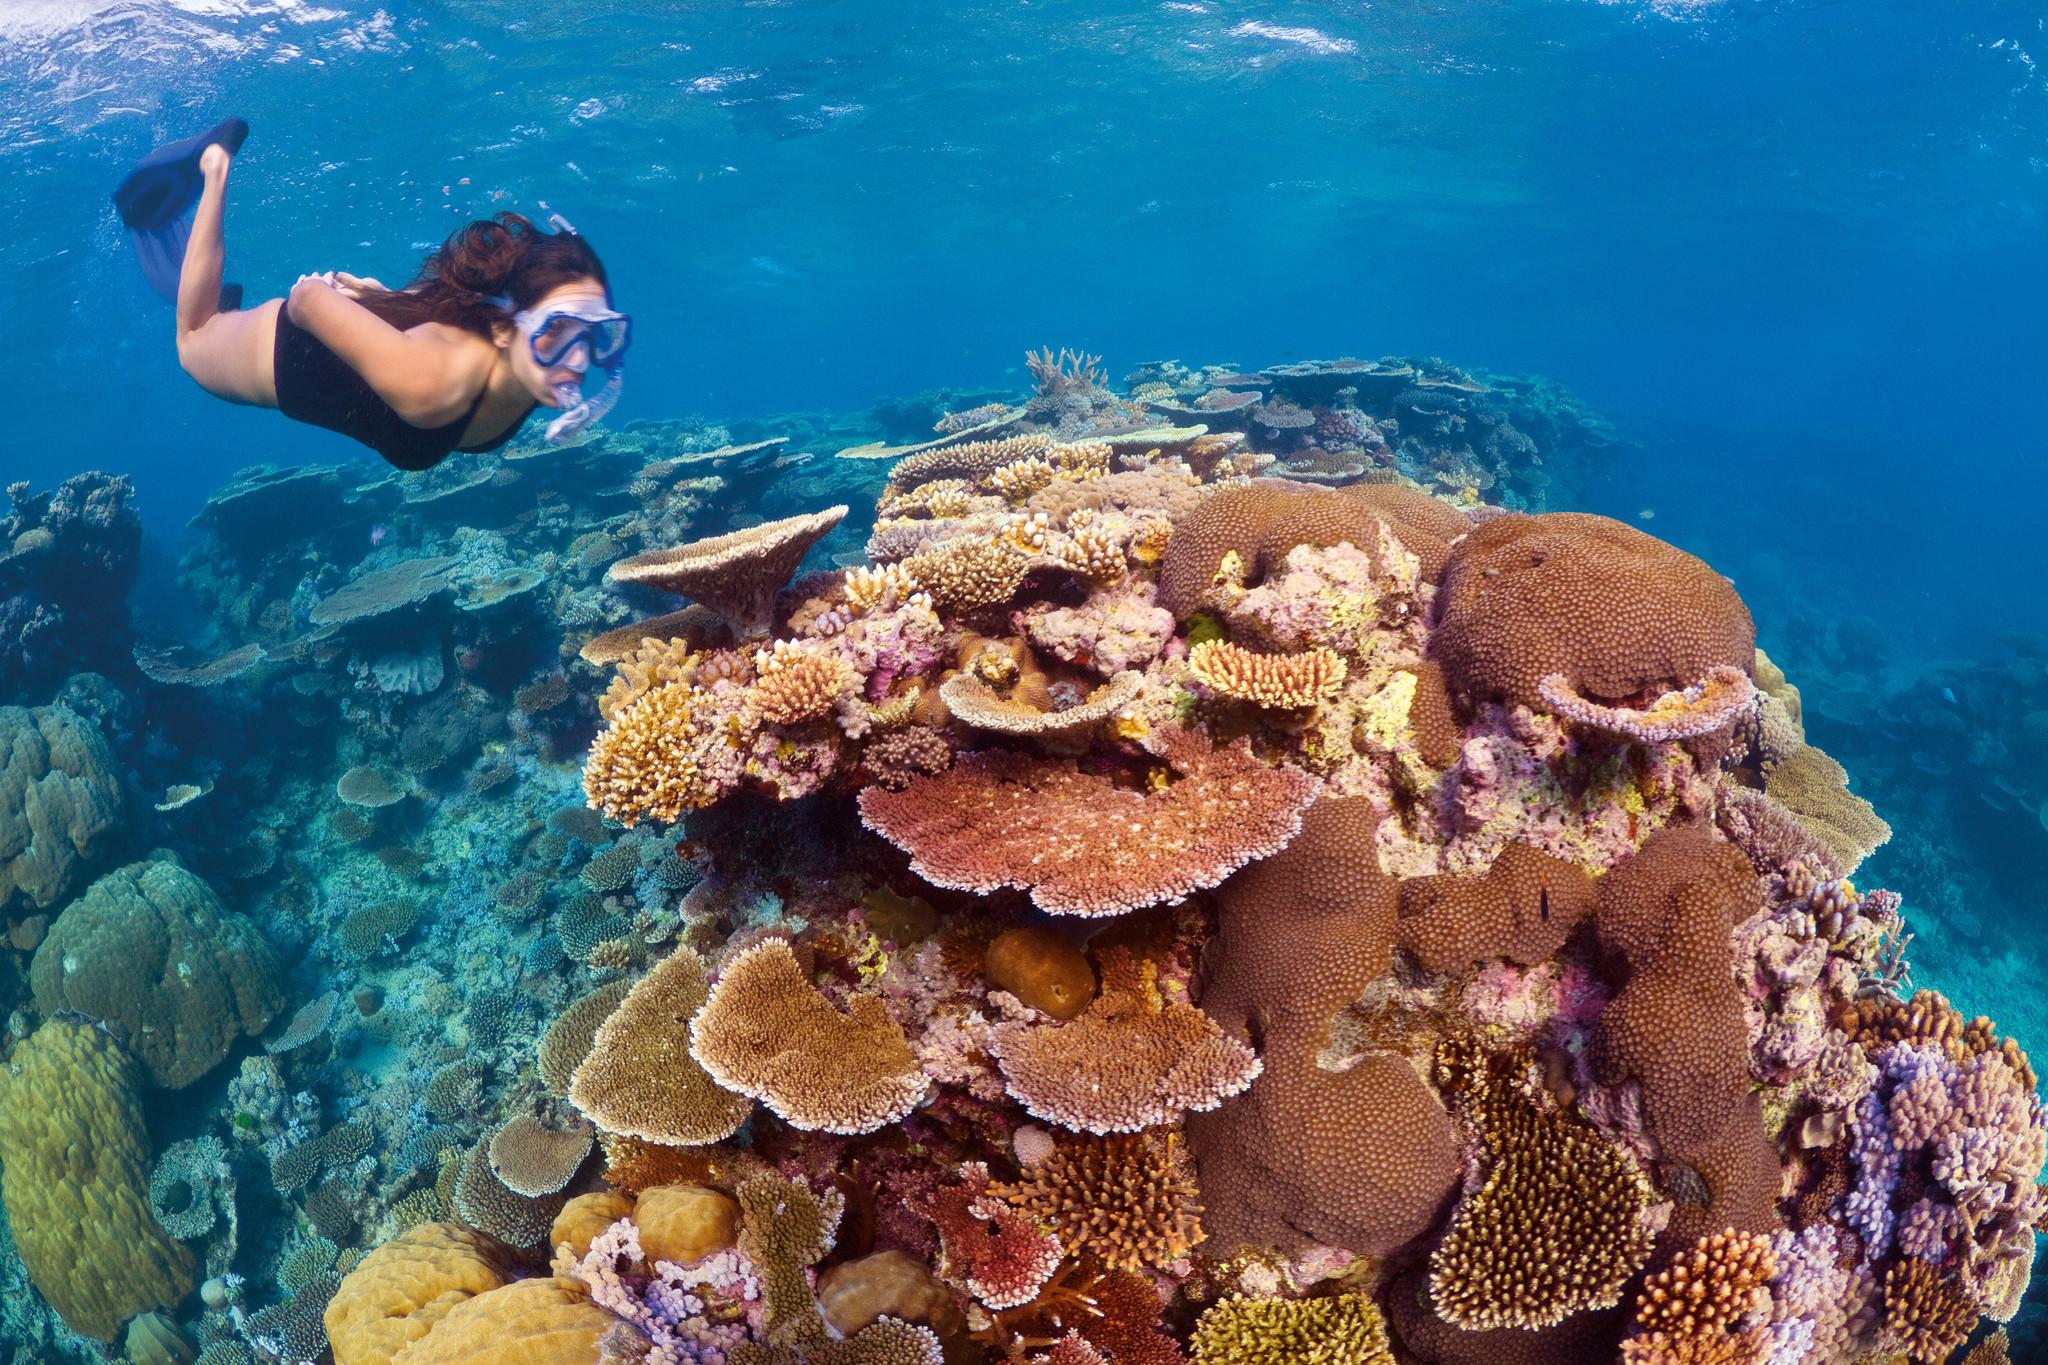 세계에서 가장 큰 산호초 지대인 그레이트 배리어 리프. 스노클링, 스쿠버 다이빙을 하며 형형색색의 산호와 열대어를 감상할 수 있는 관광자원이지만 백화현상이 확대되면서 관광산업도 타격을 입고 있다. [중앙포토]